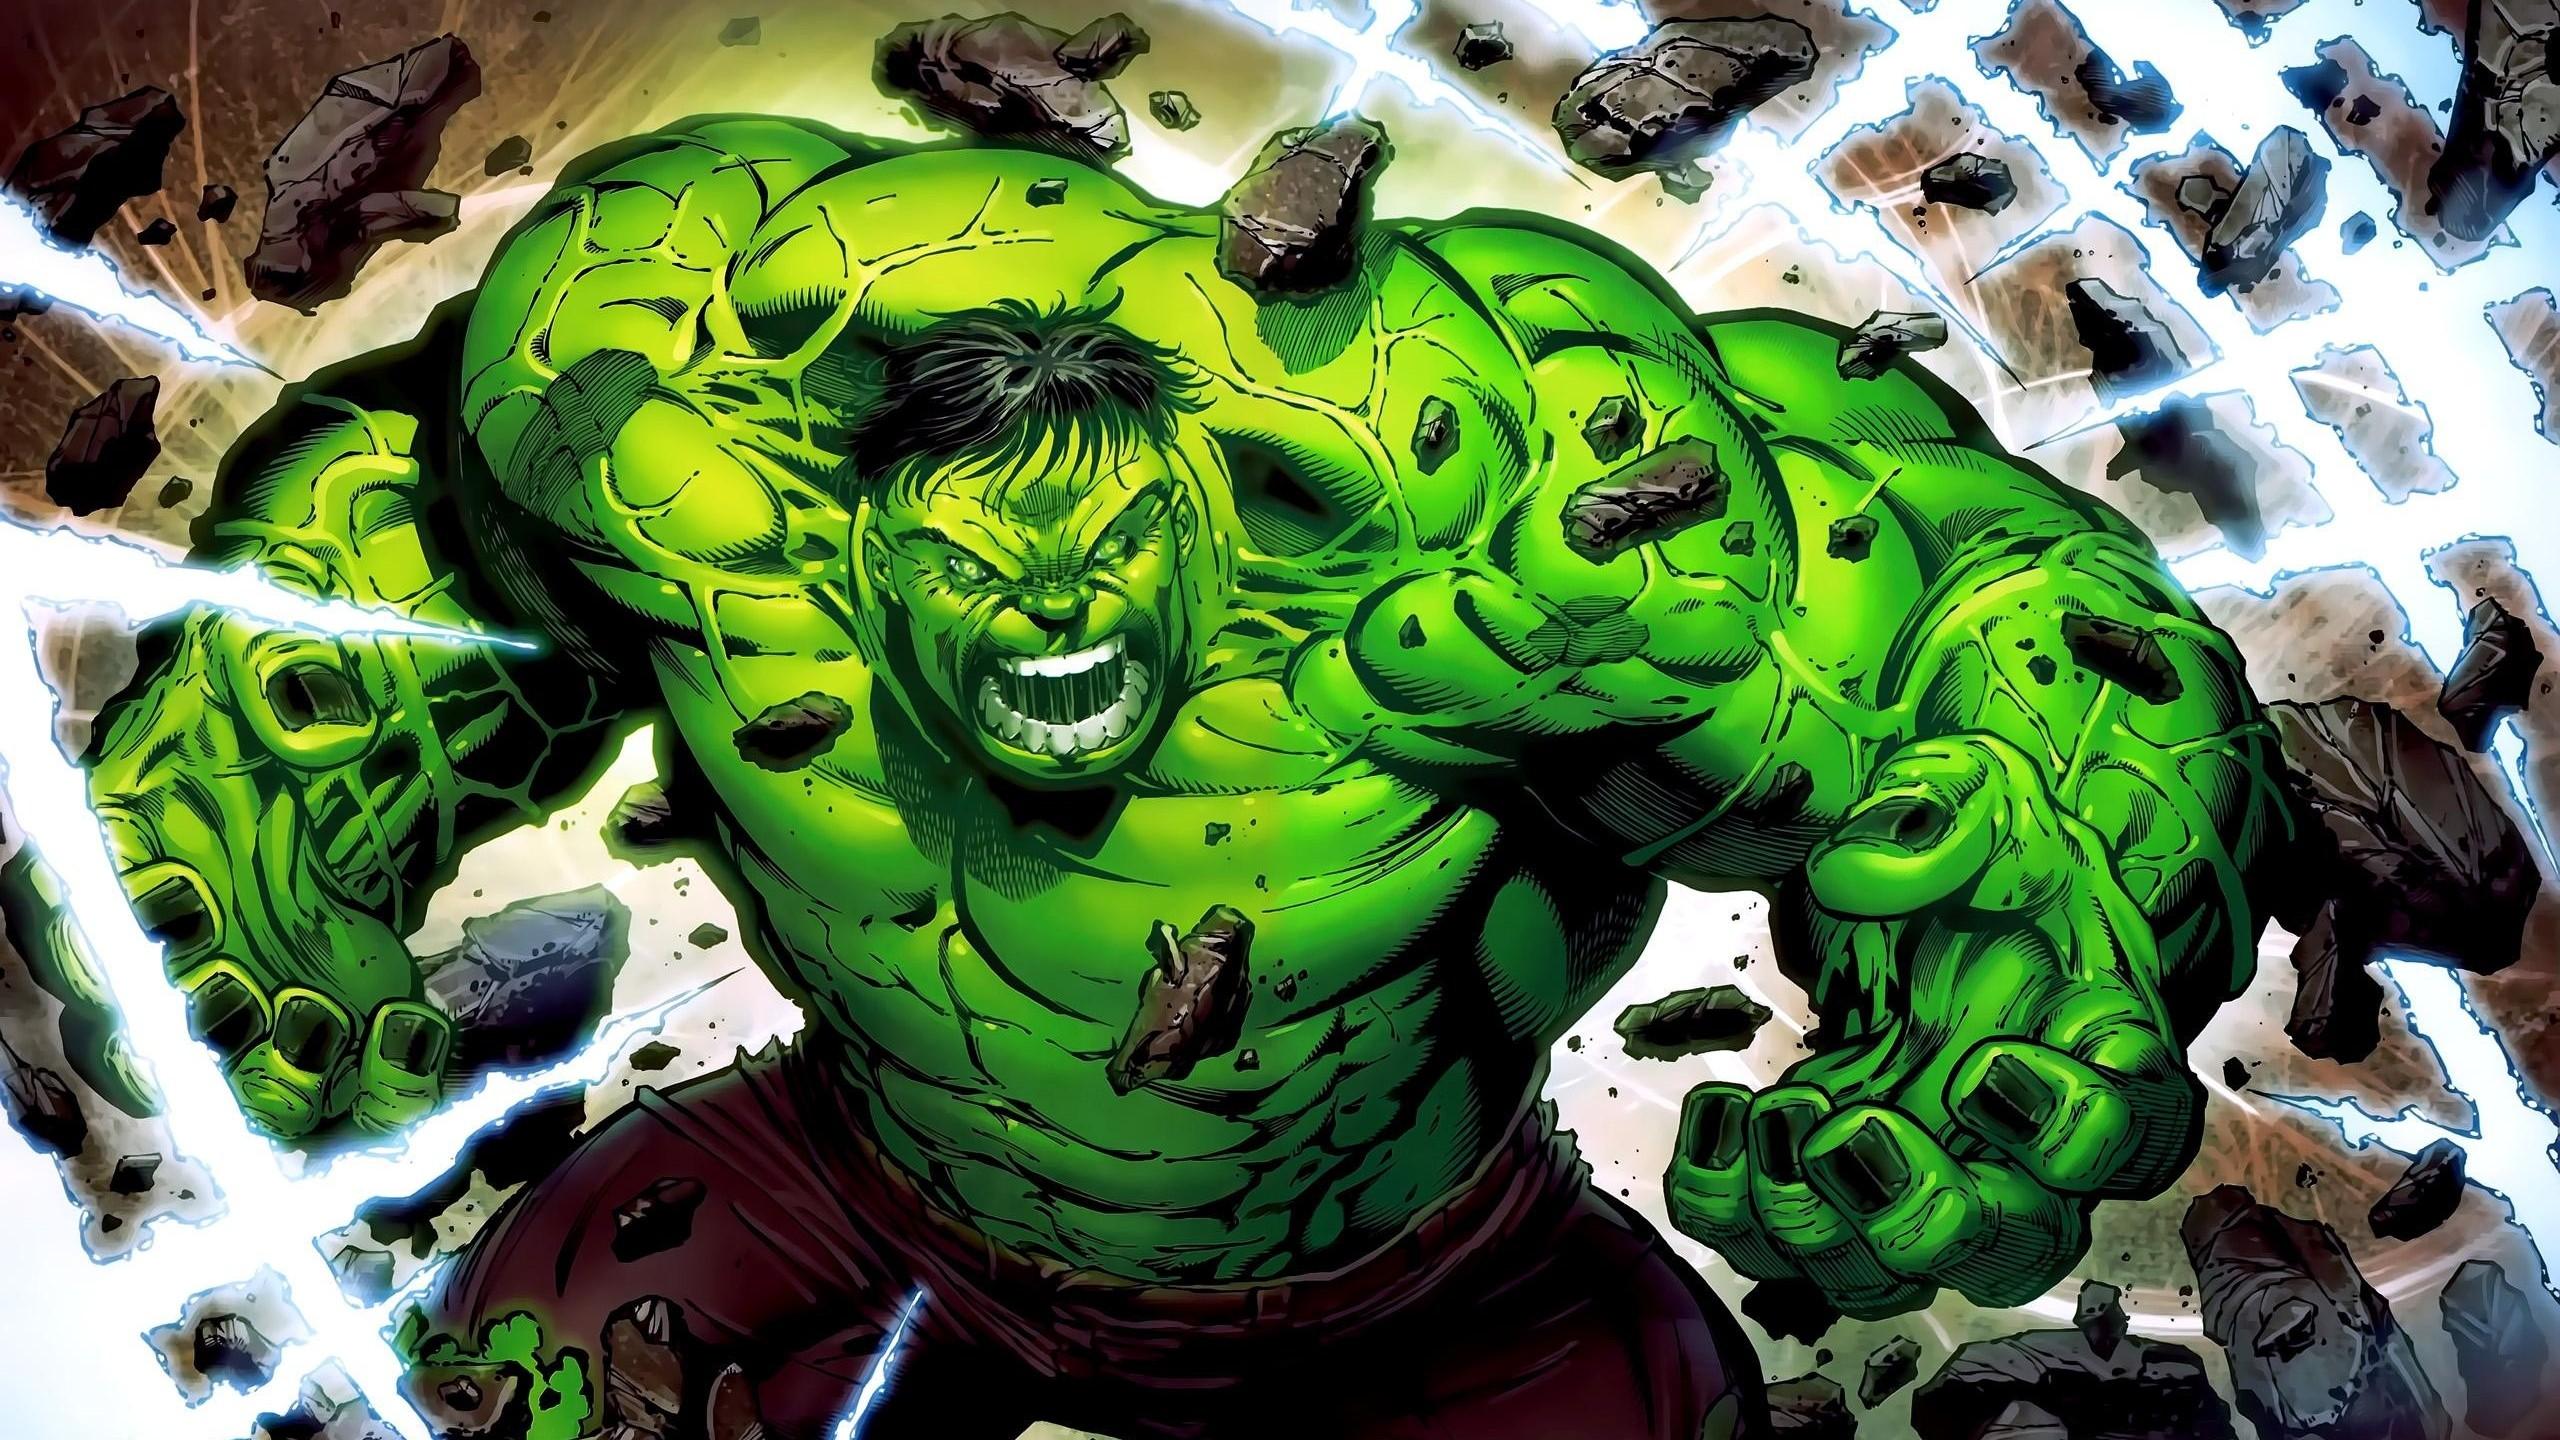 2560x1440 beautiful hulk wallpaper 2560x1440 for tablet